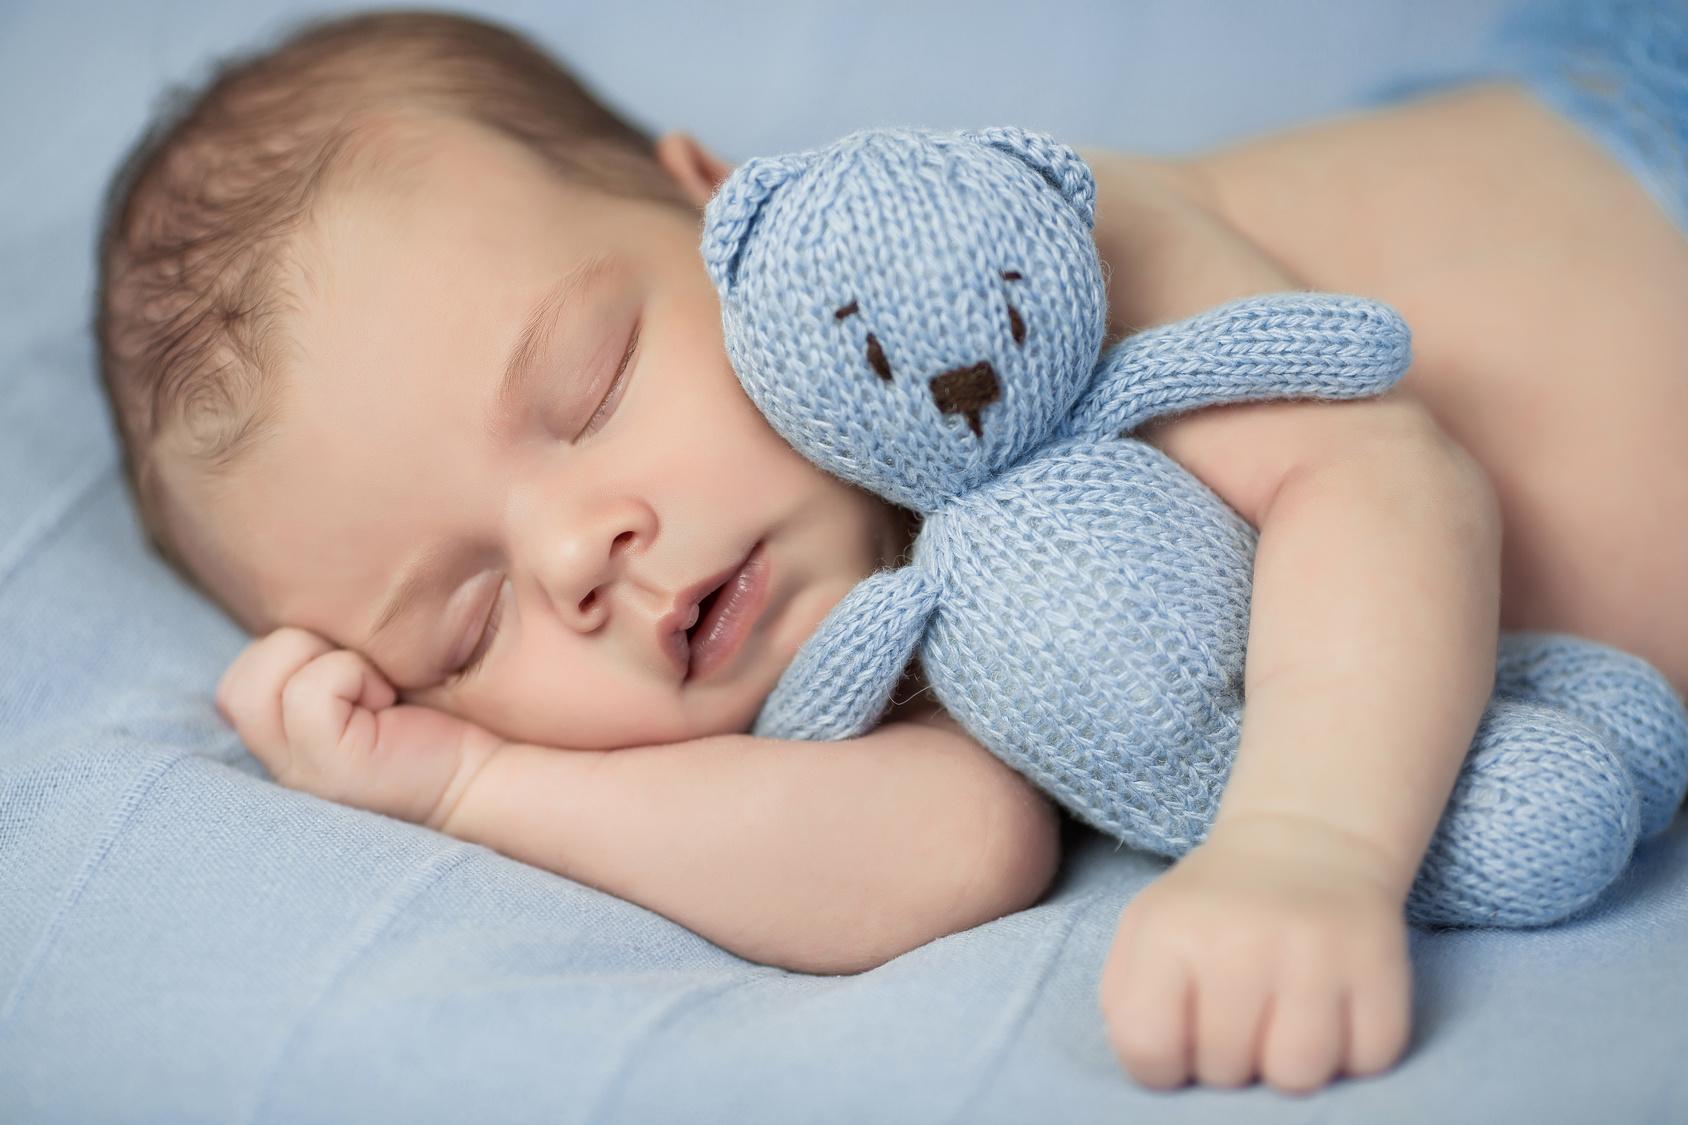 Geschenke Zur Geburt Was Macht Wirklich Sinn Babyartikel De Magazin